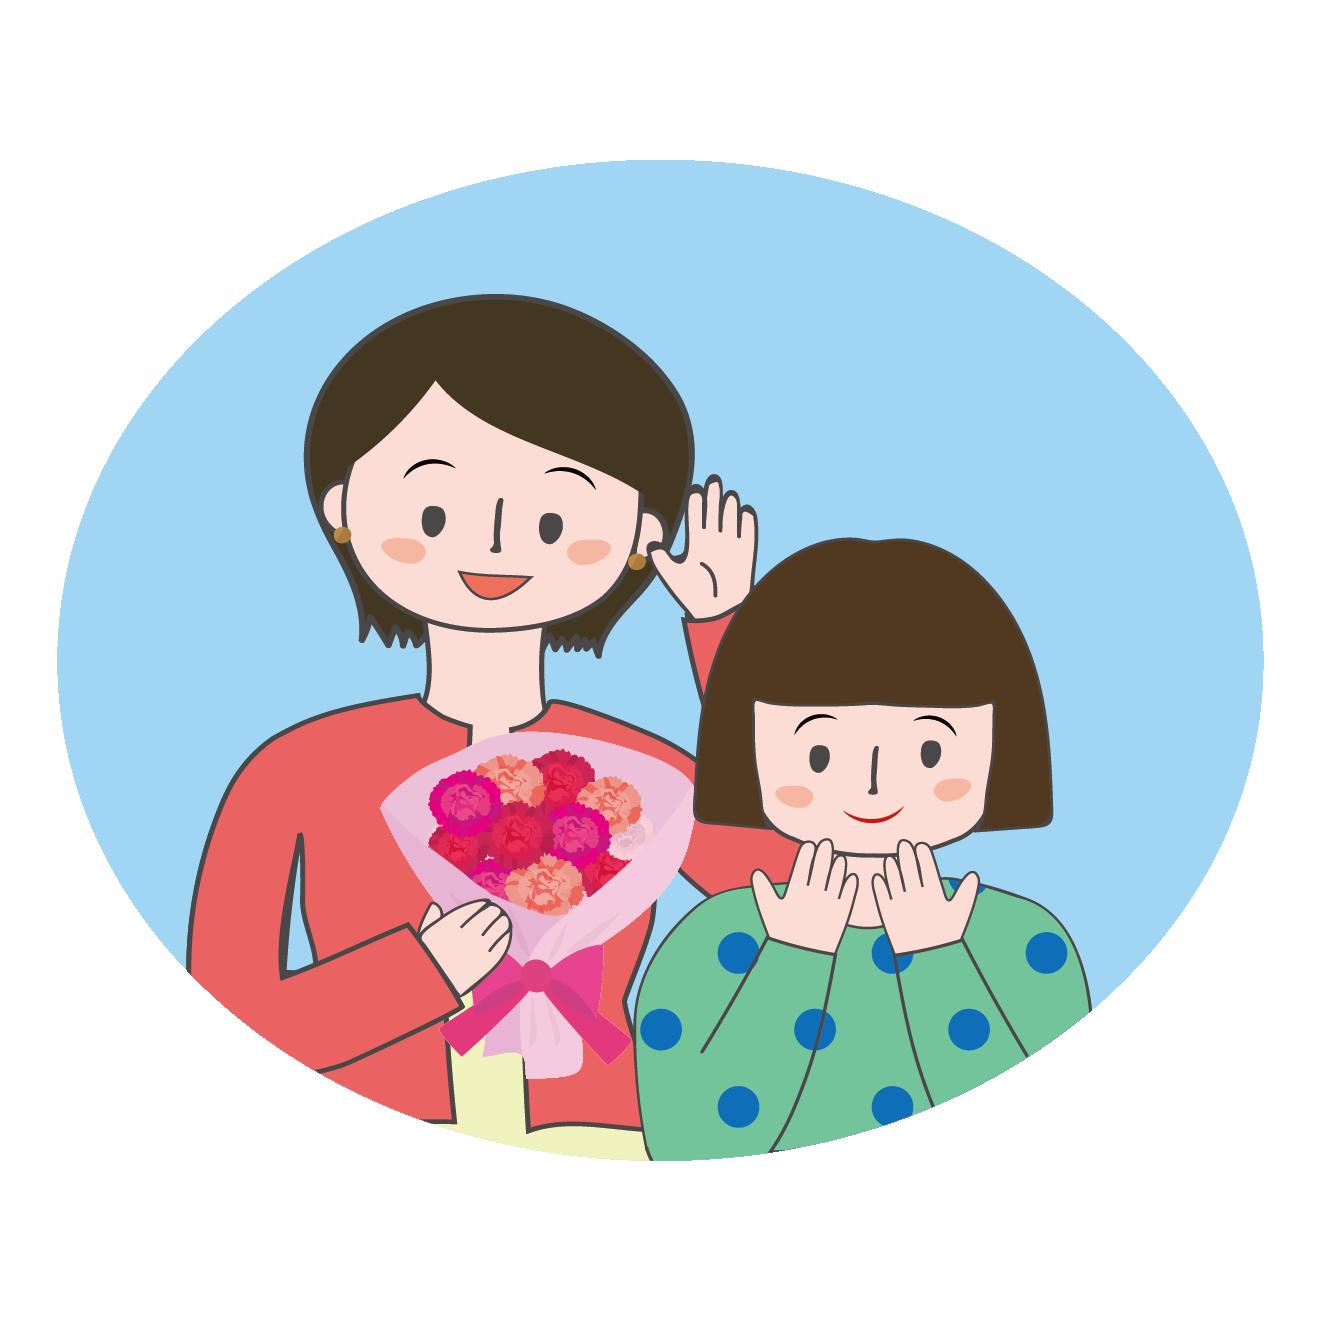 母の日!お母さんにカーネーションをプレゼントする女の子 イラスト